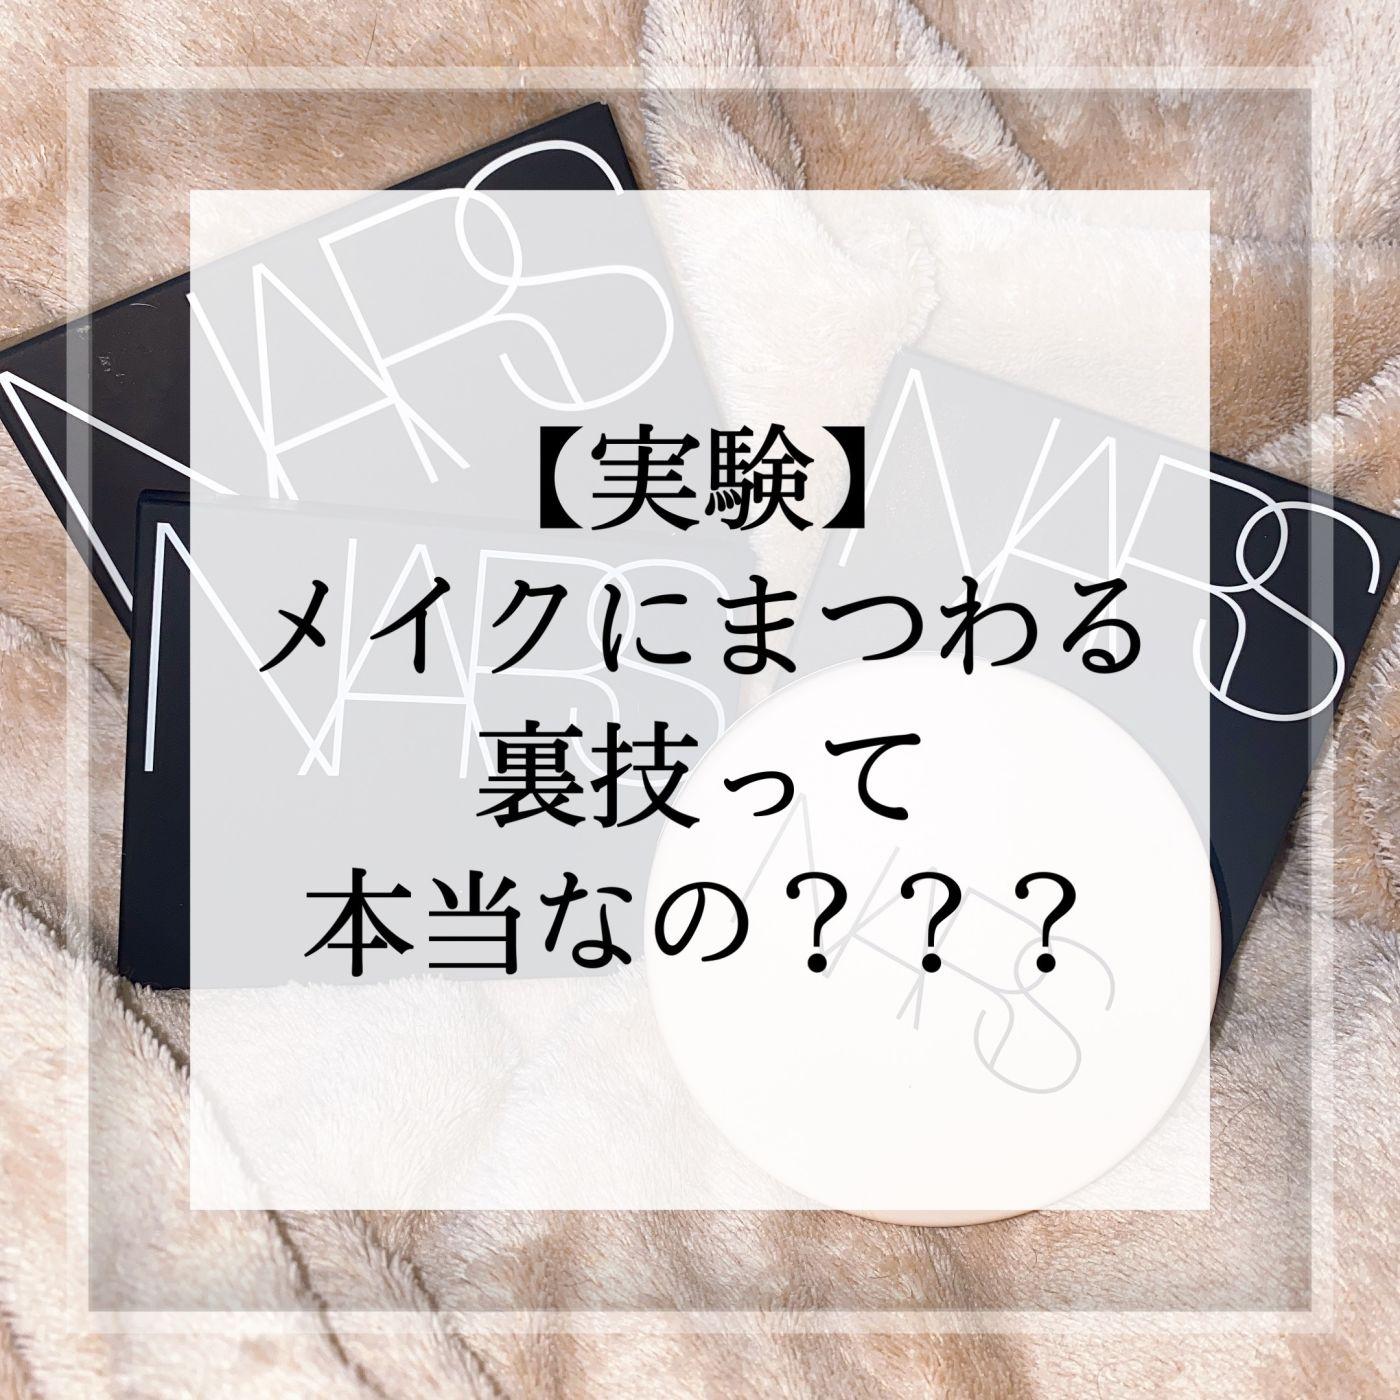 【実験】 メイクに纏わる裏技は本当なの???